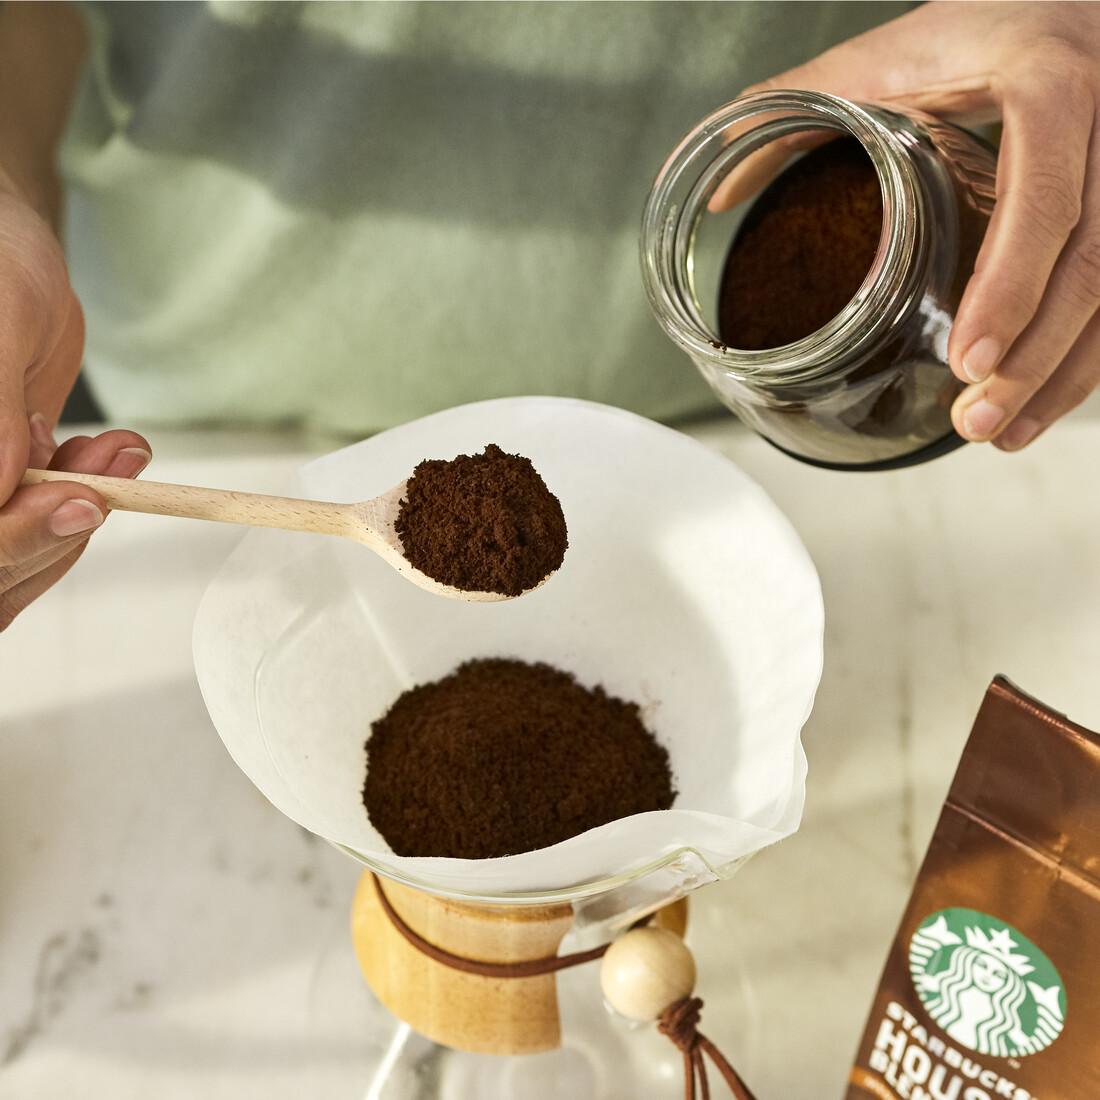 Ο καφές φίλτρου Starbucks® έρχεται σπίτι!